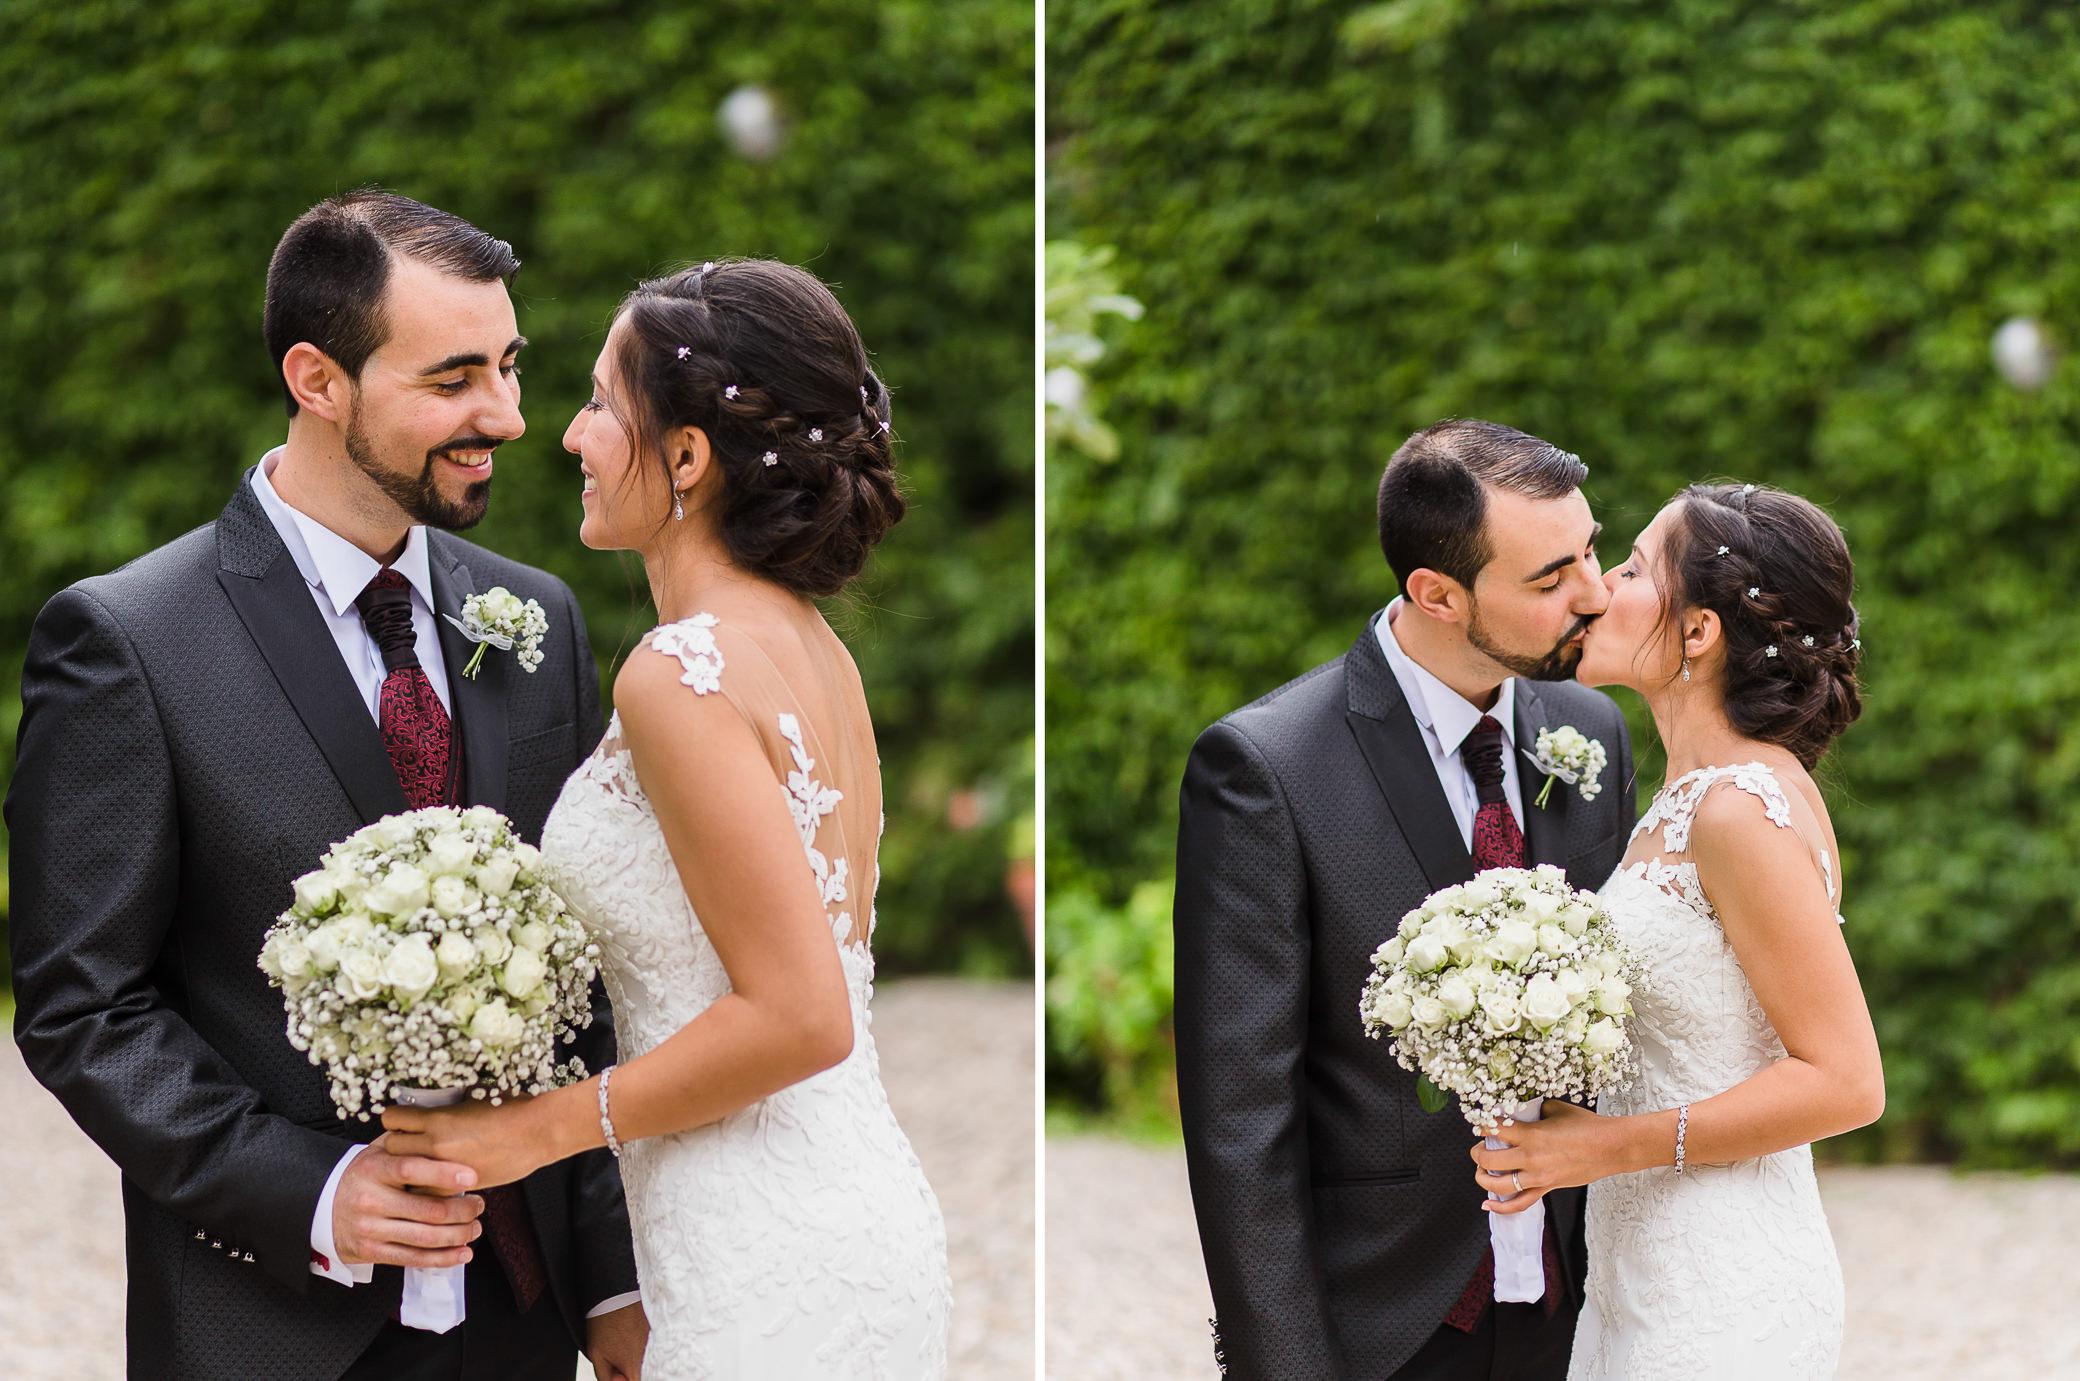 boda-aire-libre-can-tosca-photografeel-55.jpg